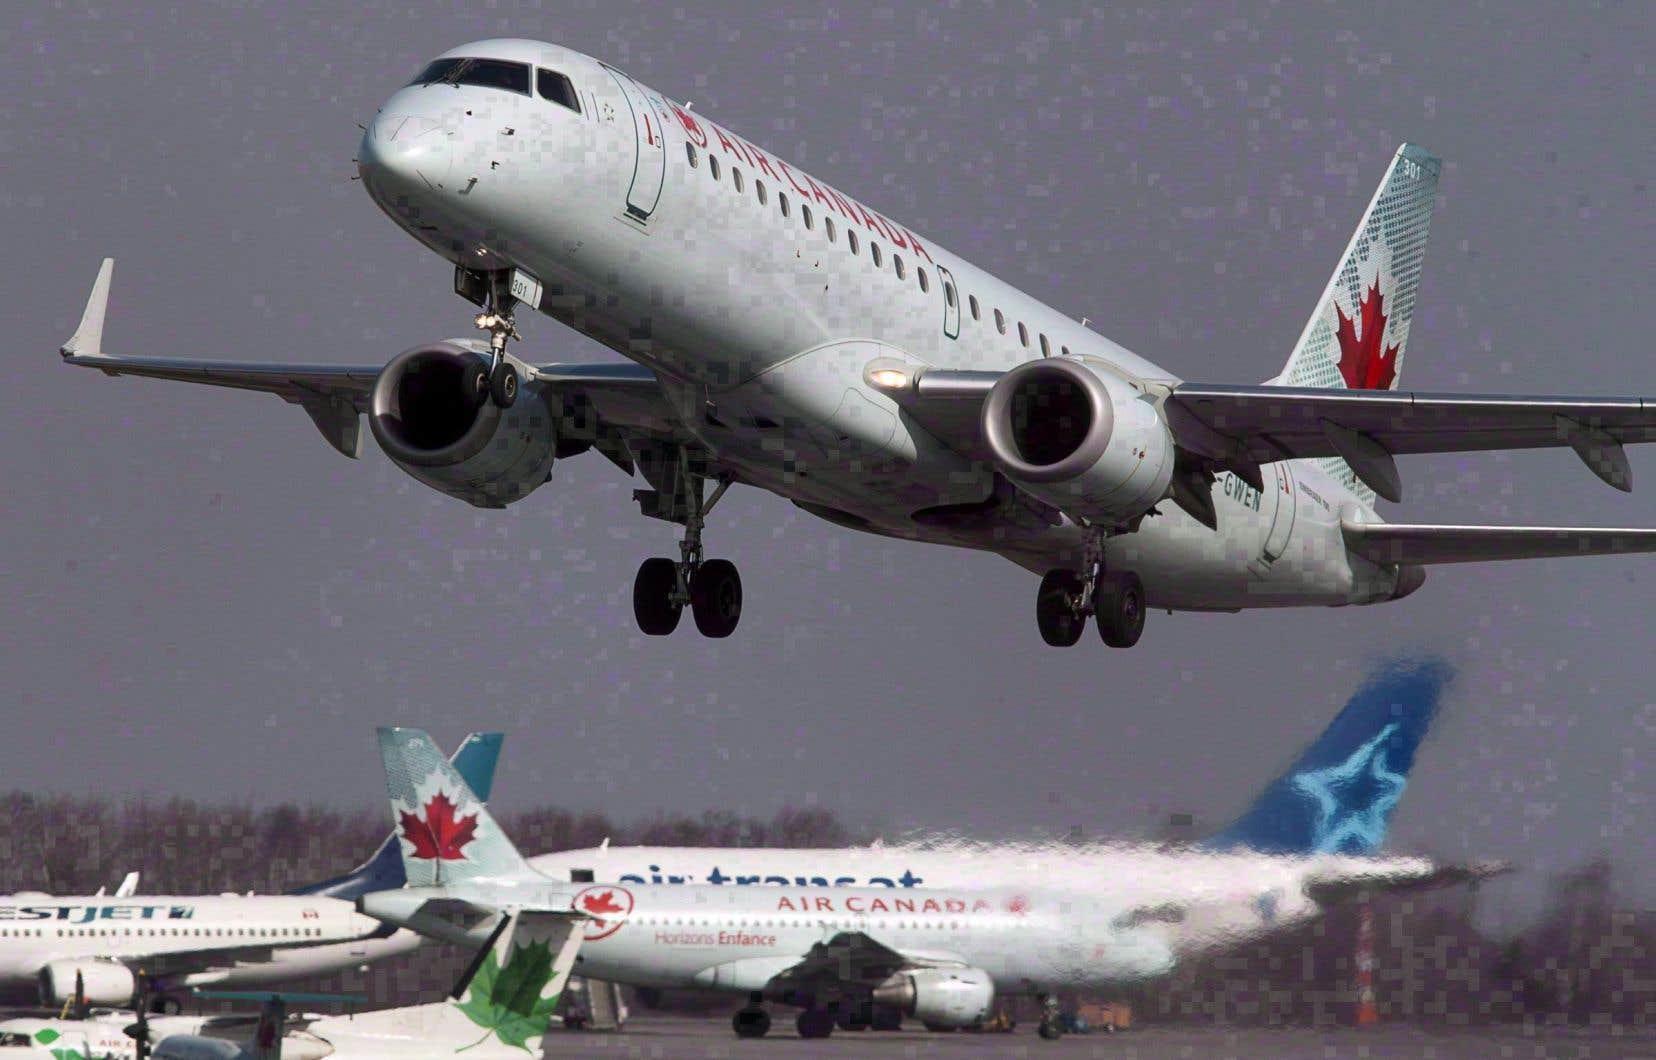 En provenance de Montréal, un Boeing 787 de la compagnie Air Canada transportant 210 passagers est resté coincé pendant plusieurs heures sur une voie de circulation en construction le long de la piste.